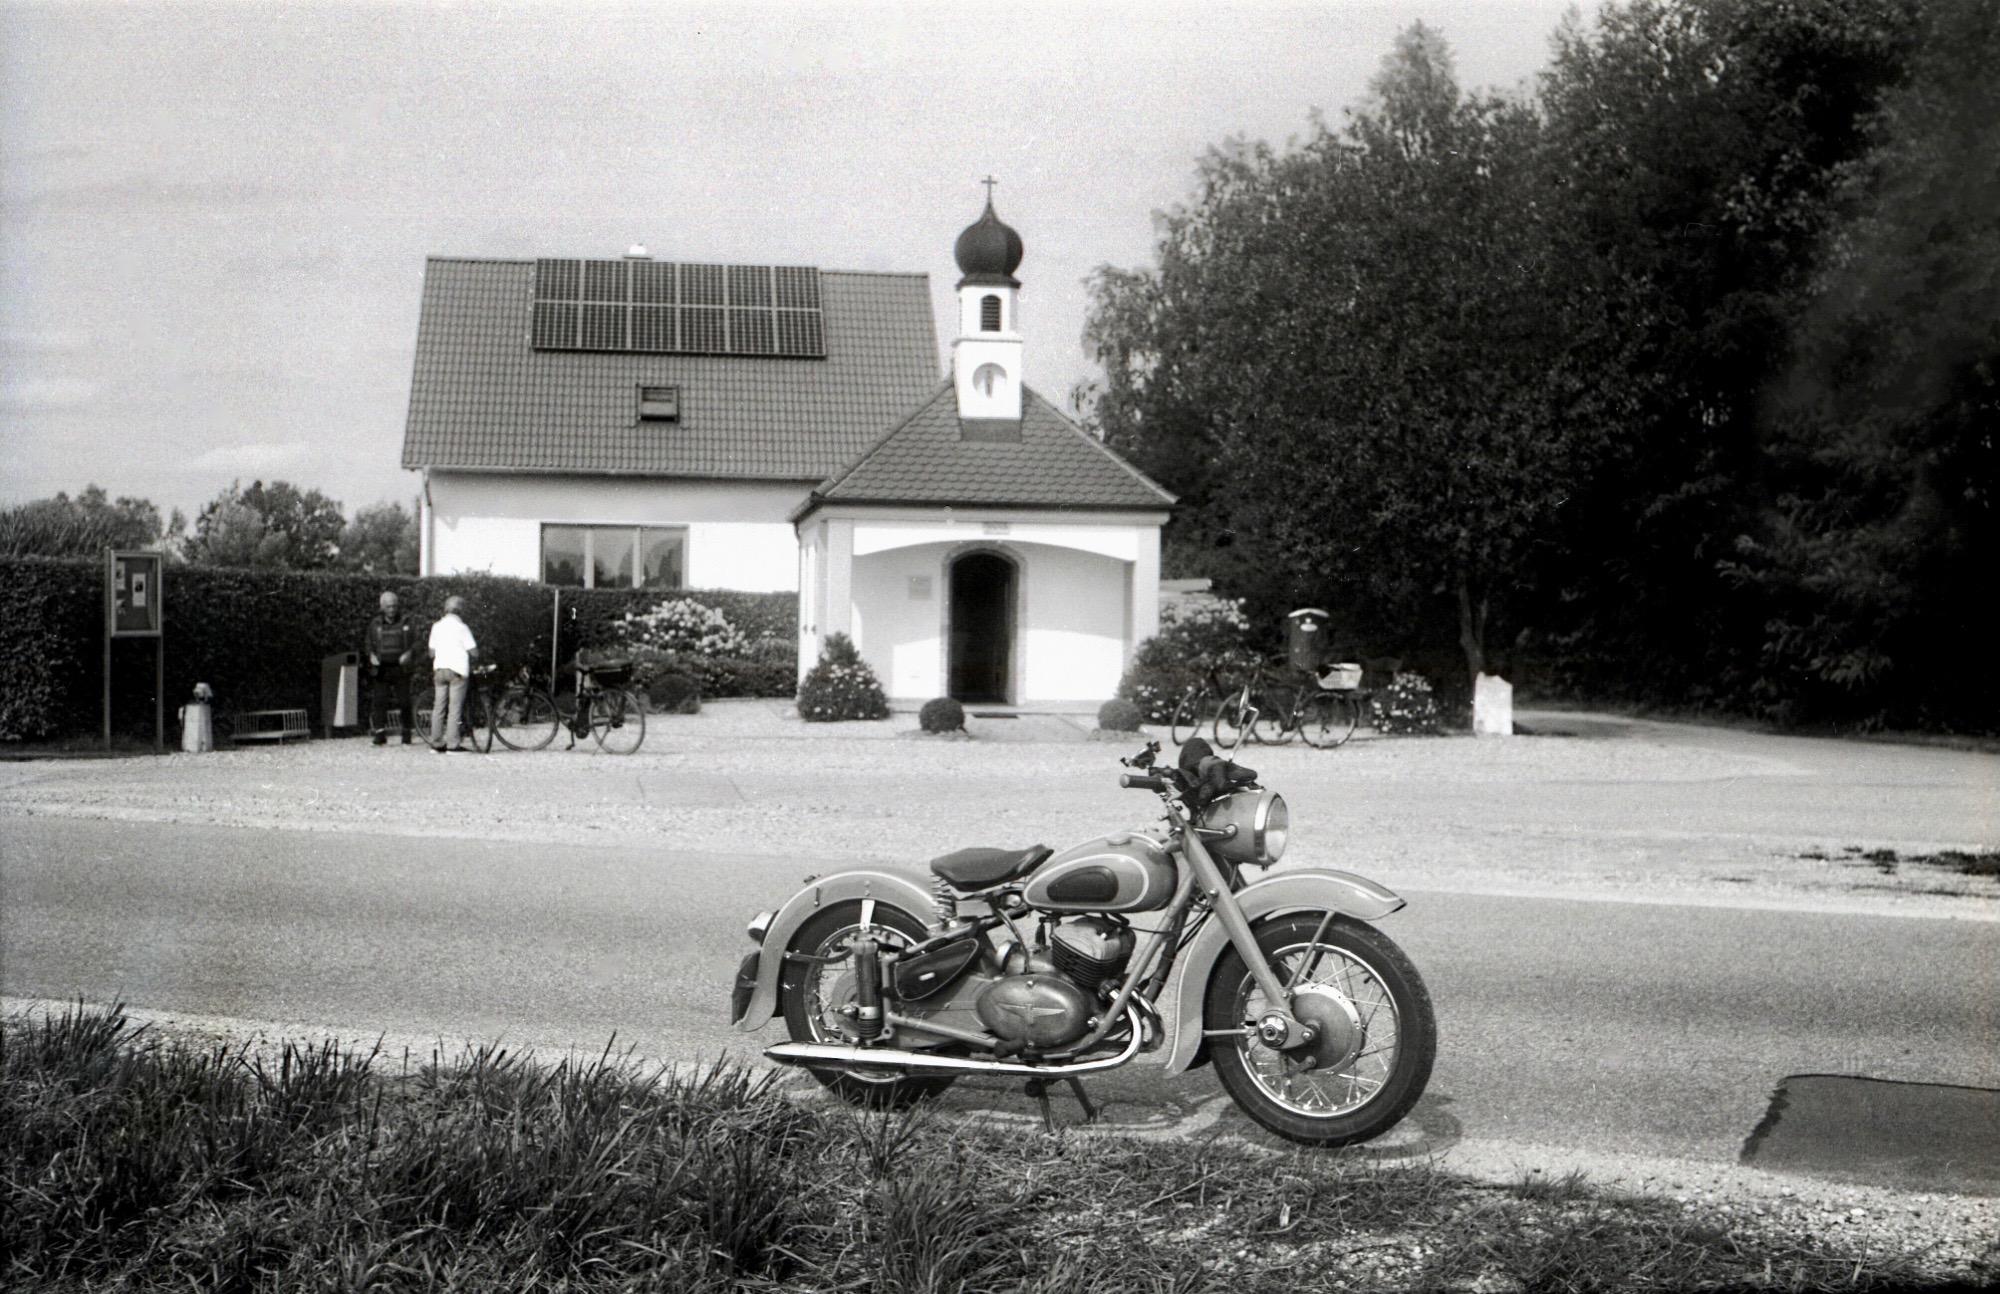 Kapelle Maria im Moos - 47 Jahre jünger als das Motorrad davor